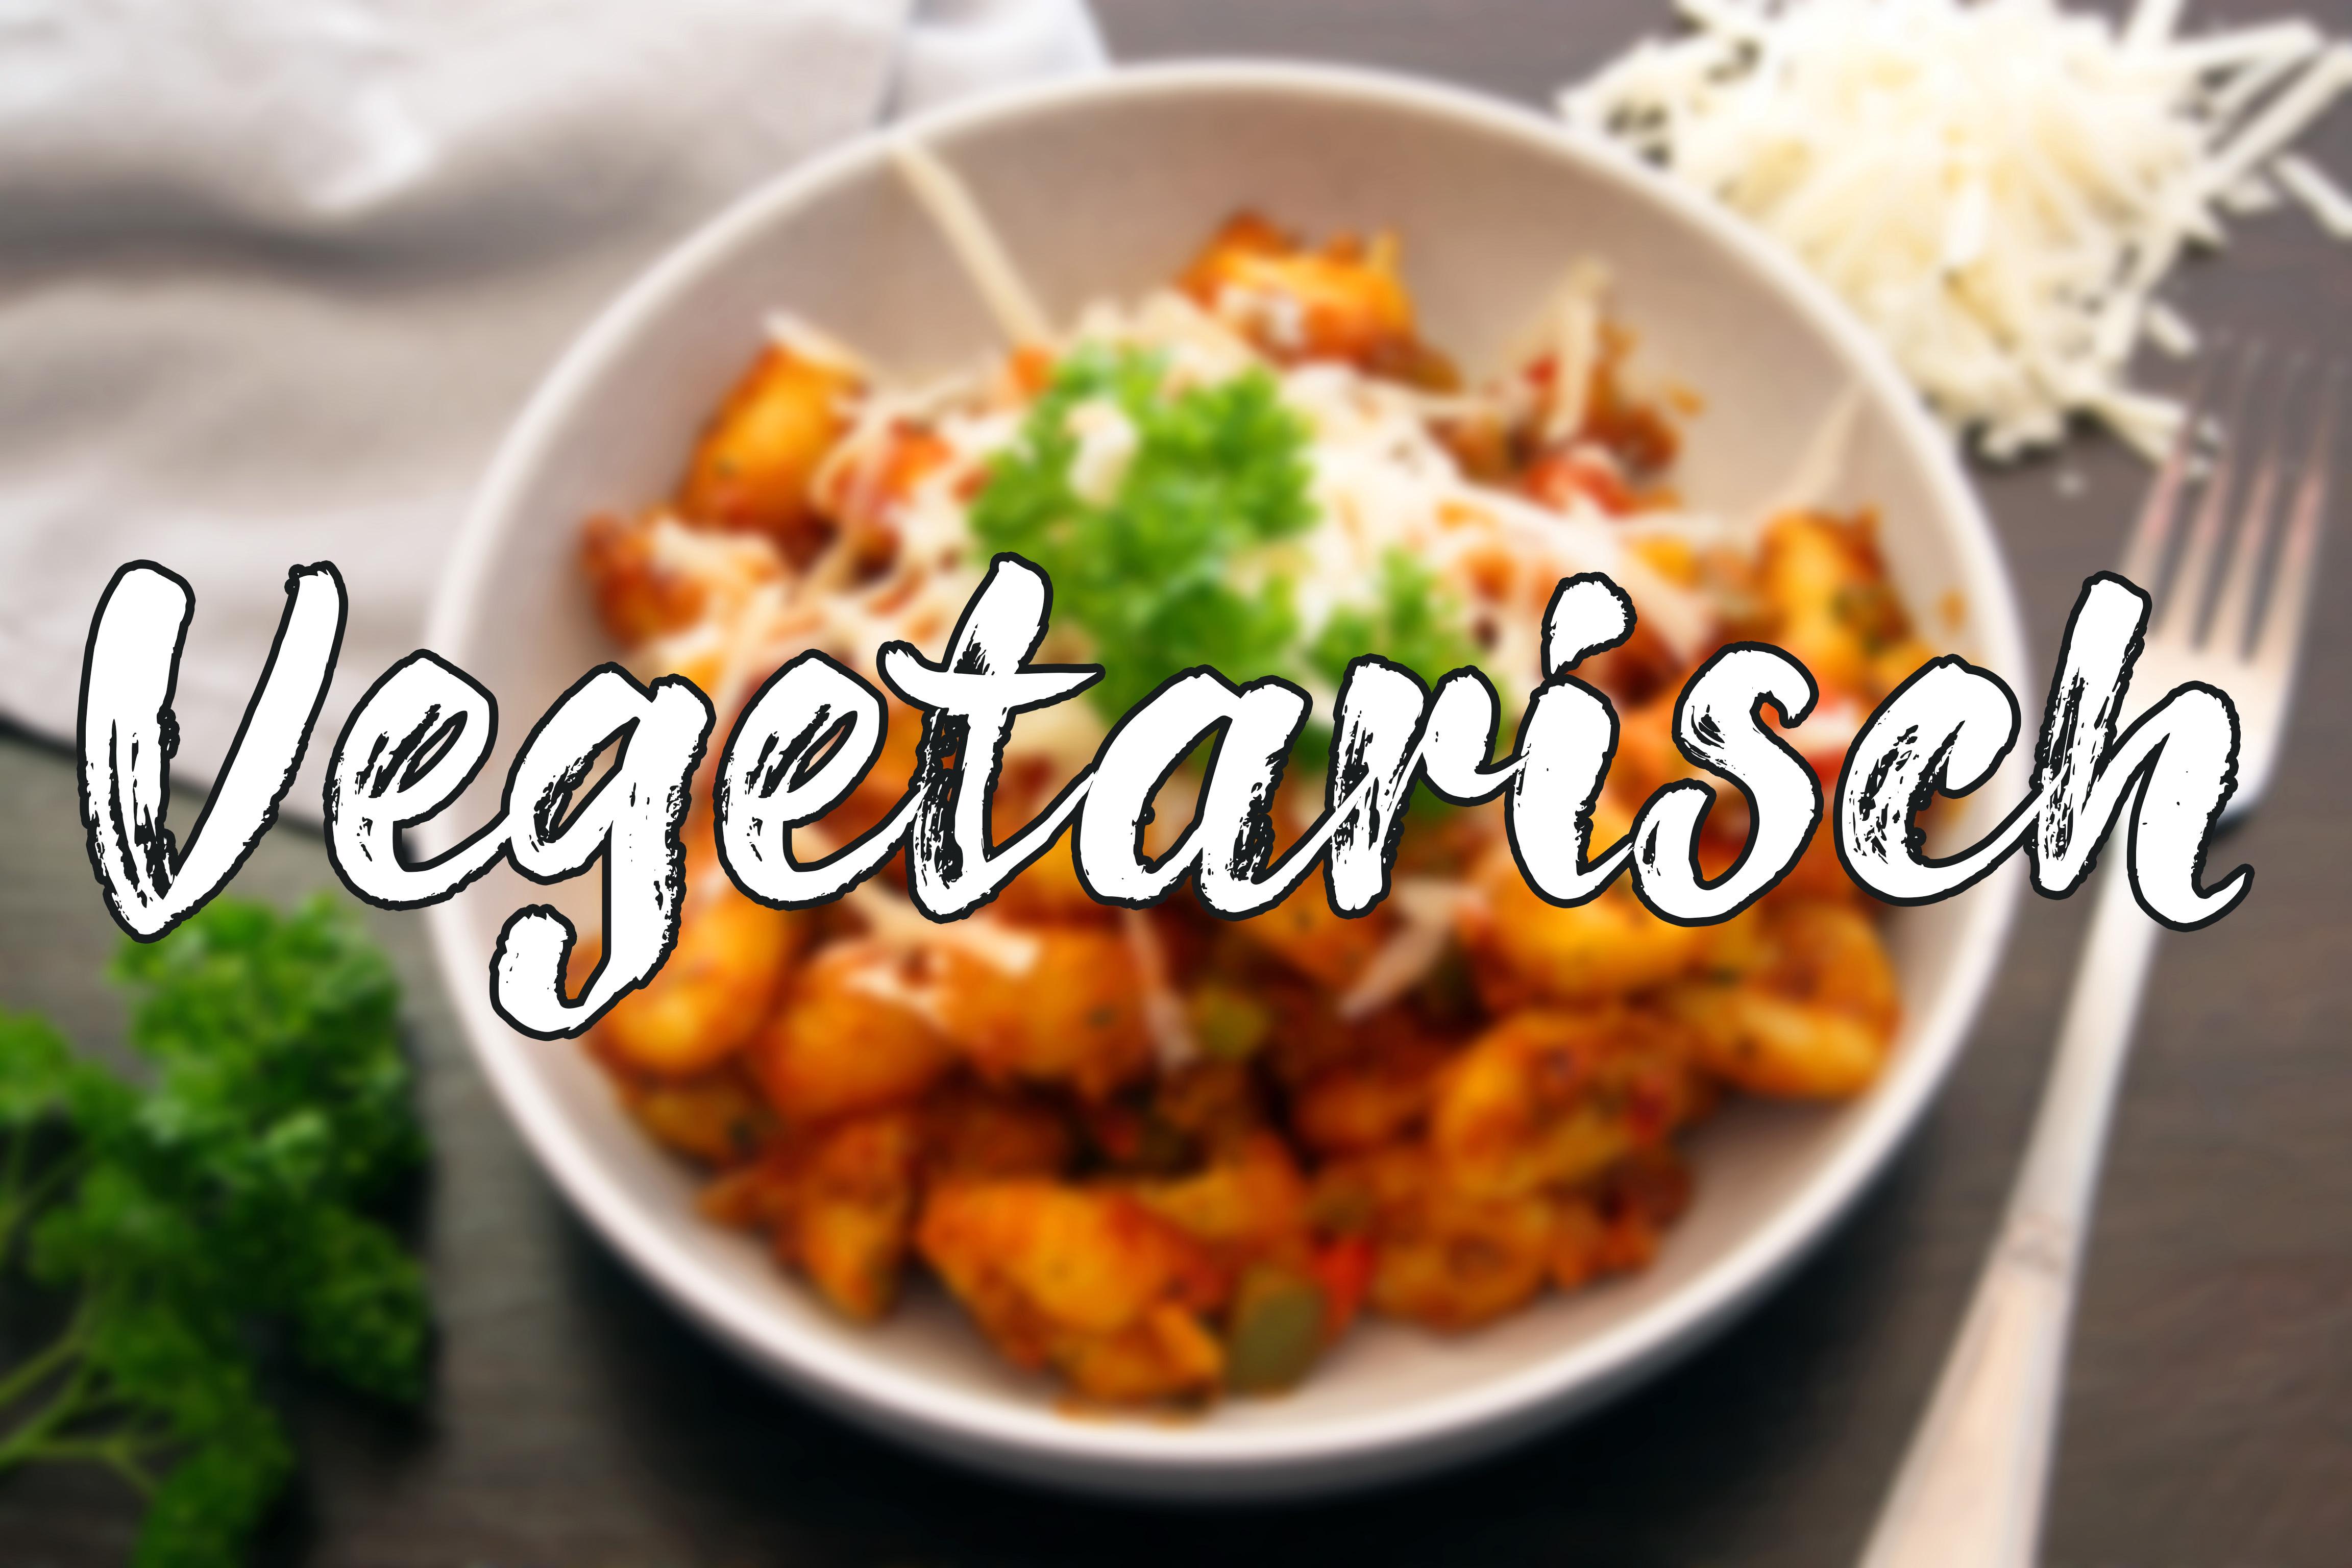 vegetarische rezepte, rezepte vegetarisch, vegetarisch, rezepte, kochen